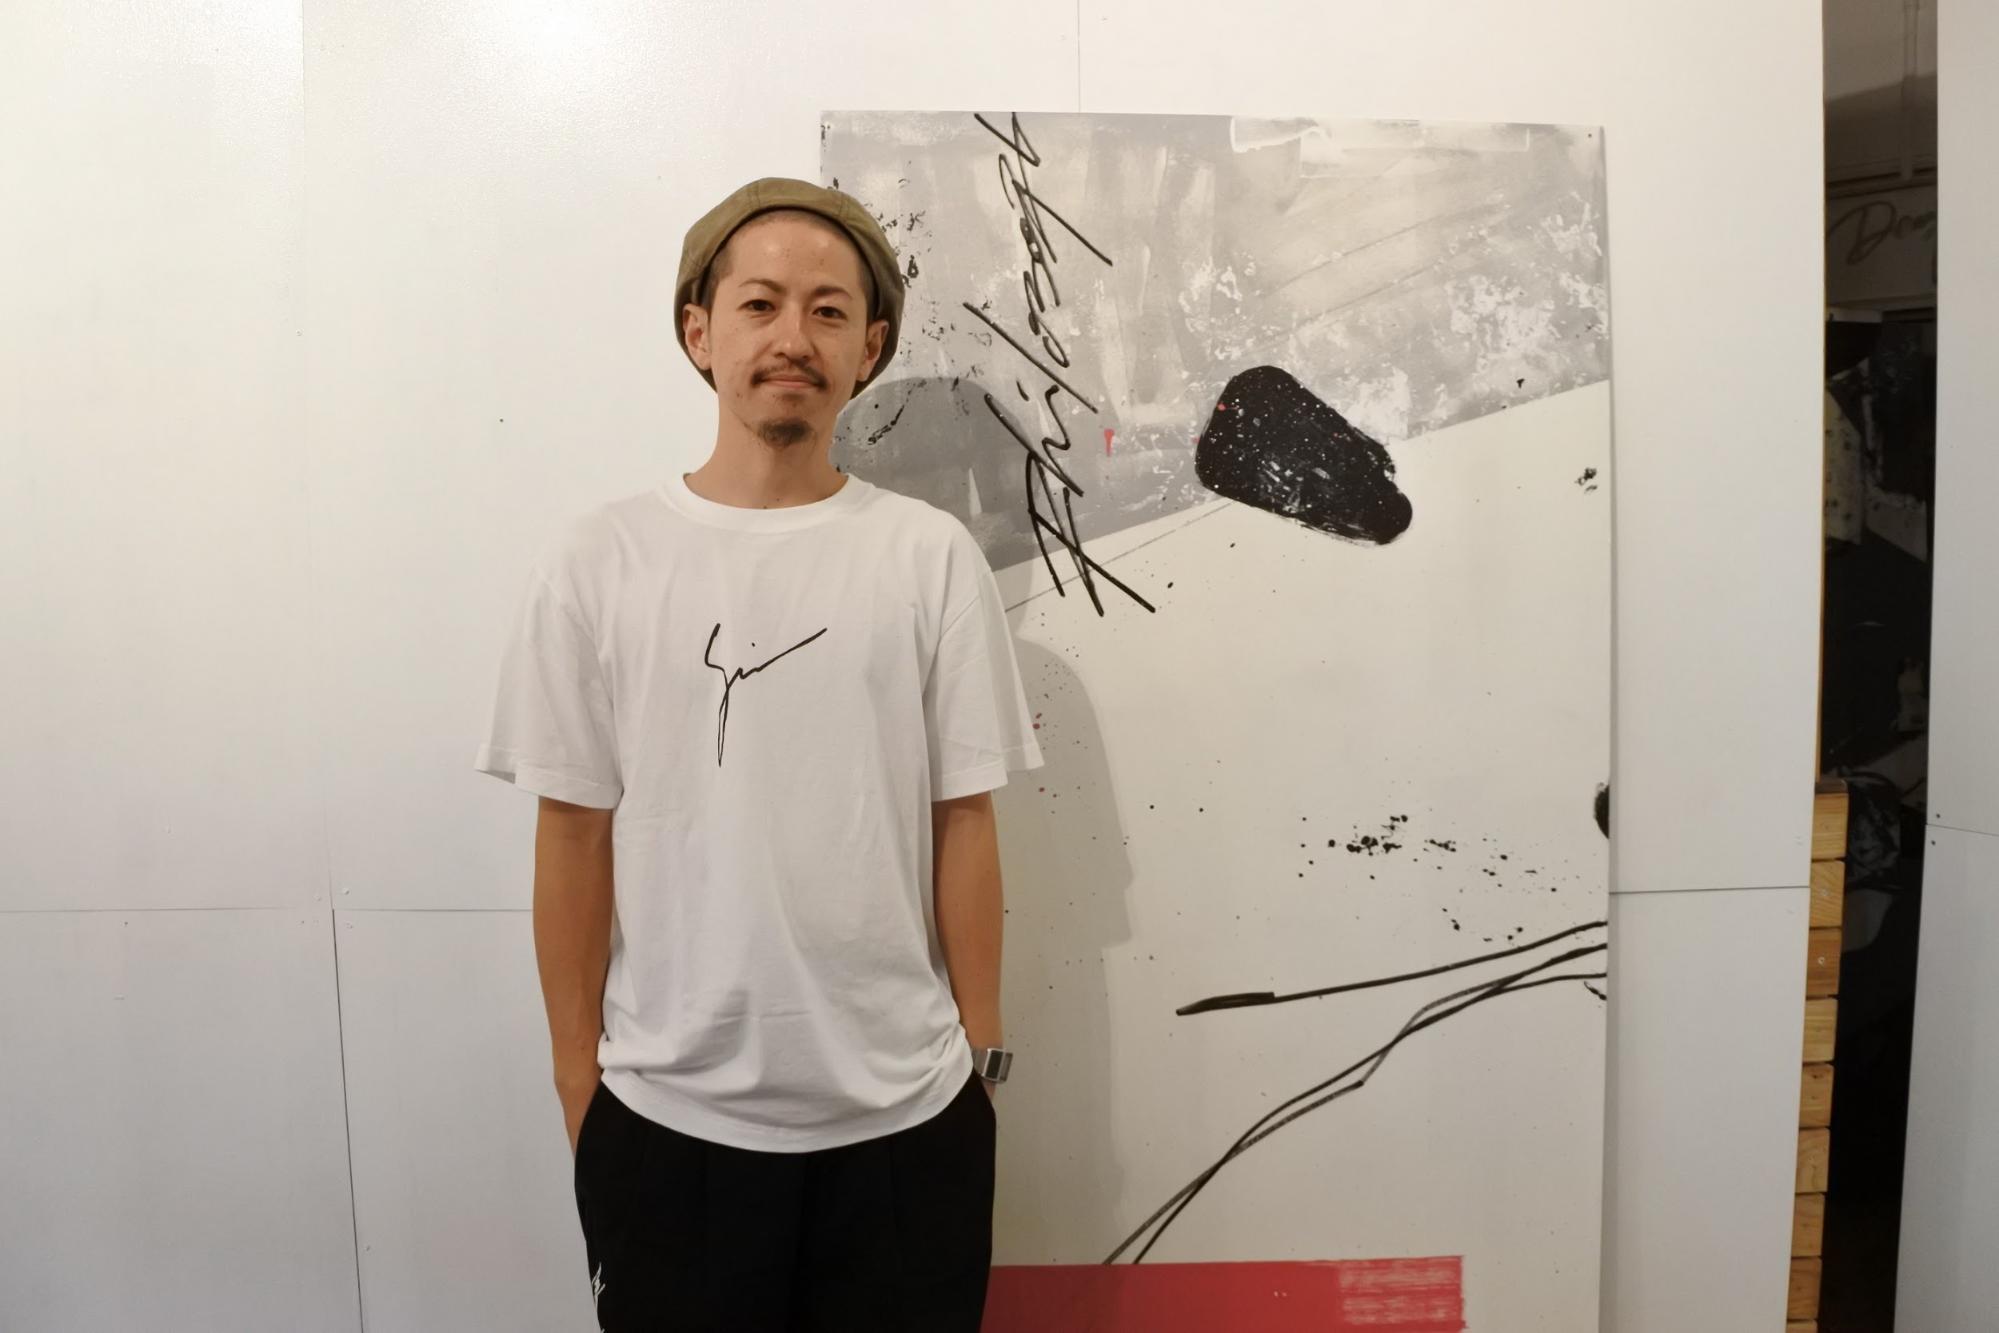 うちなーヴィレッジアーティスト紹介ー沖縄のアートシーンを画家としてギャラリーのオーナーとし活躍されているDENPAインタビュー